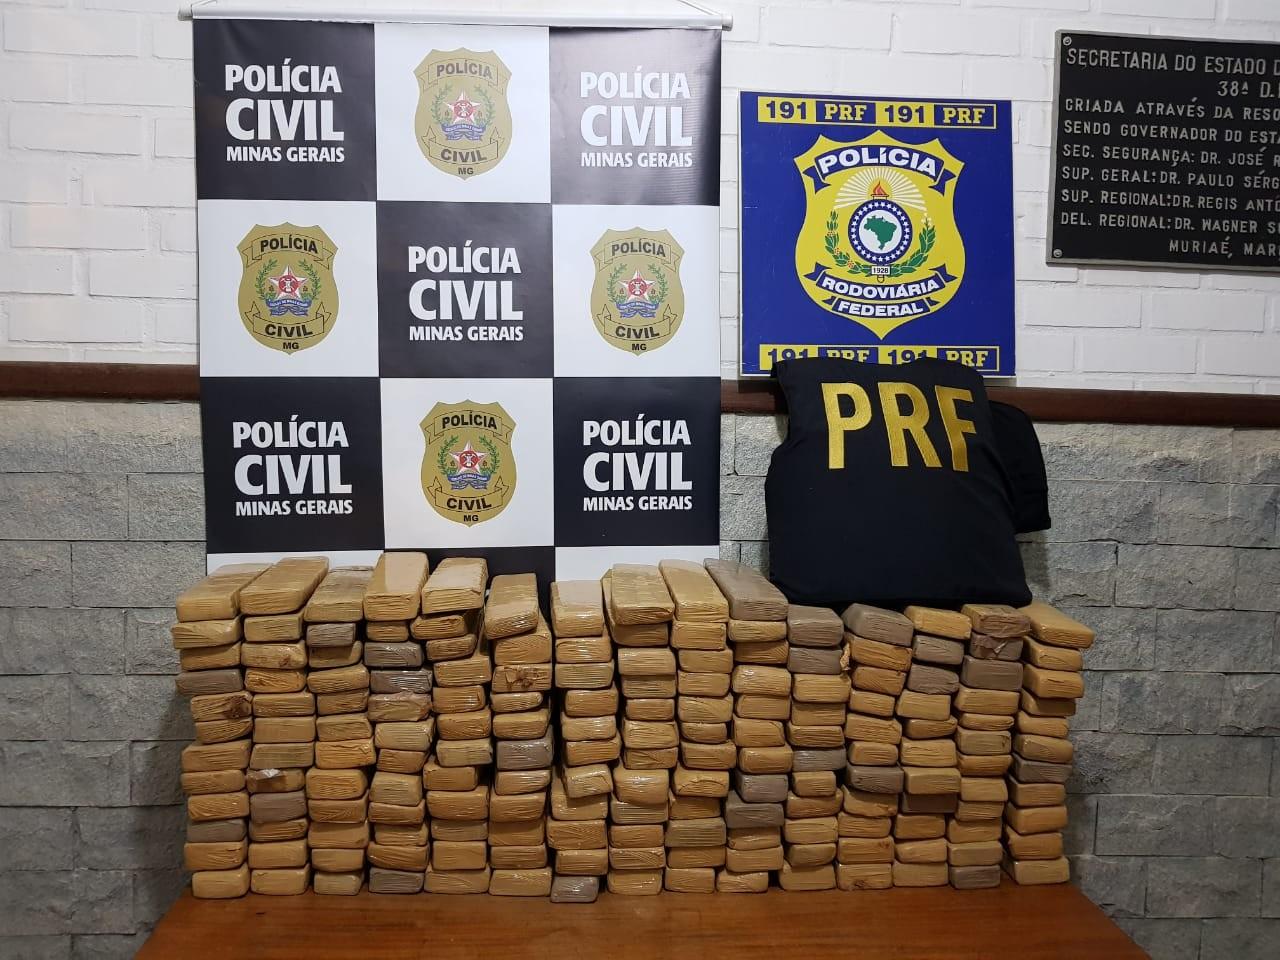 Mais de 130 kg de maconha são apreendidos na BR-116 entre Fervedouro e Divino